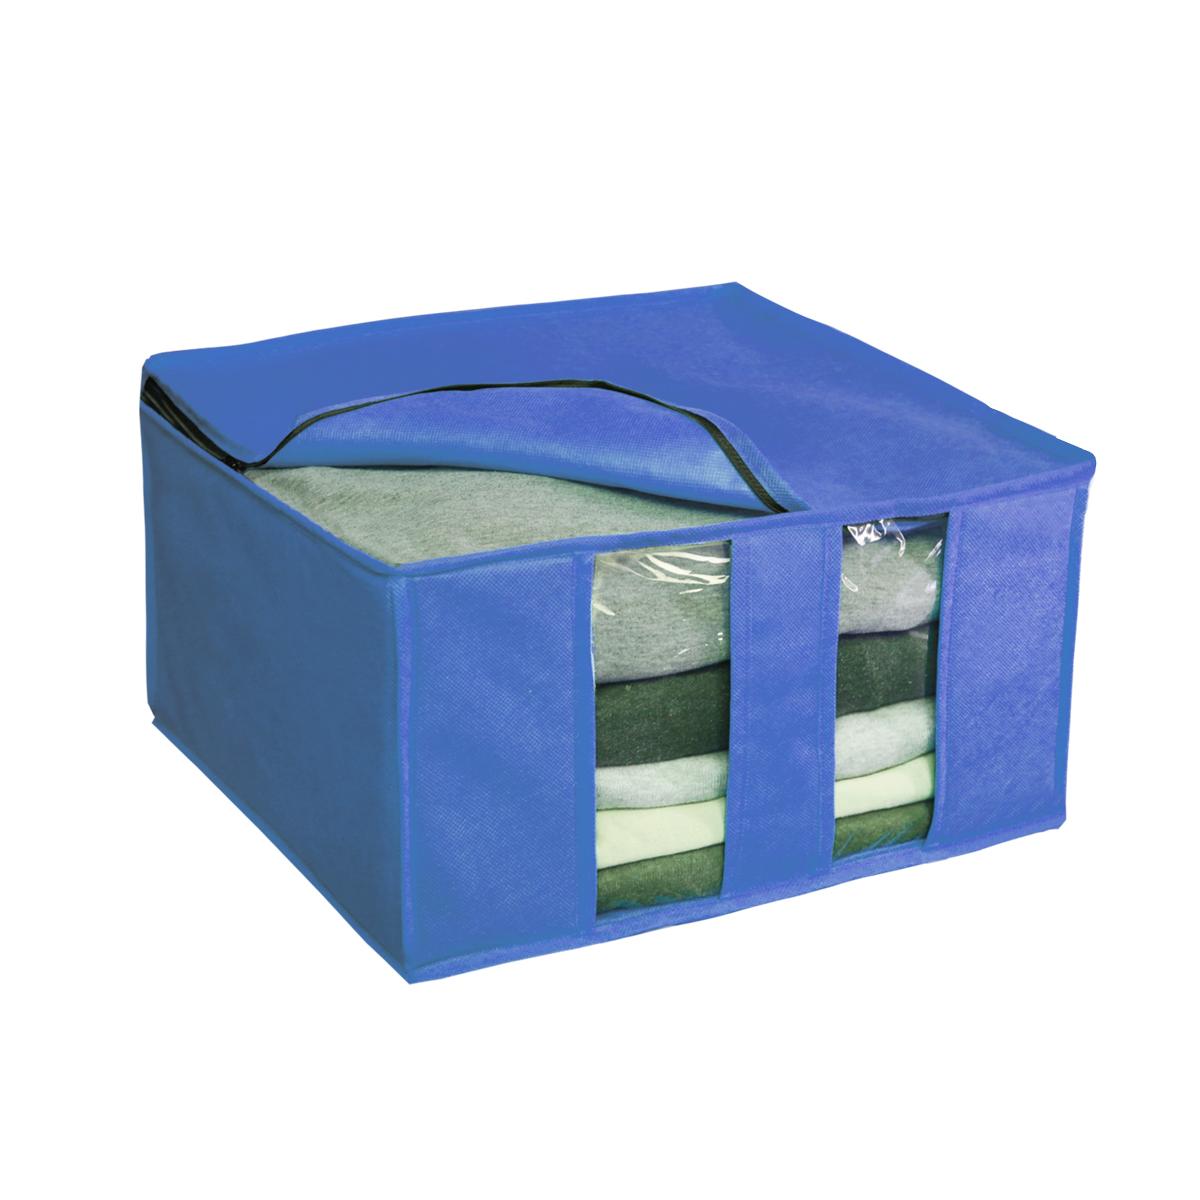 Кофр для хранения Miolla, цвет: синий, 40 х 40 х 25 см. CHL-6-1CHL-6-1Ящик раскладной для хранения вещей 40 x 40 x 25 см cиний